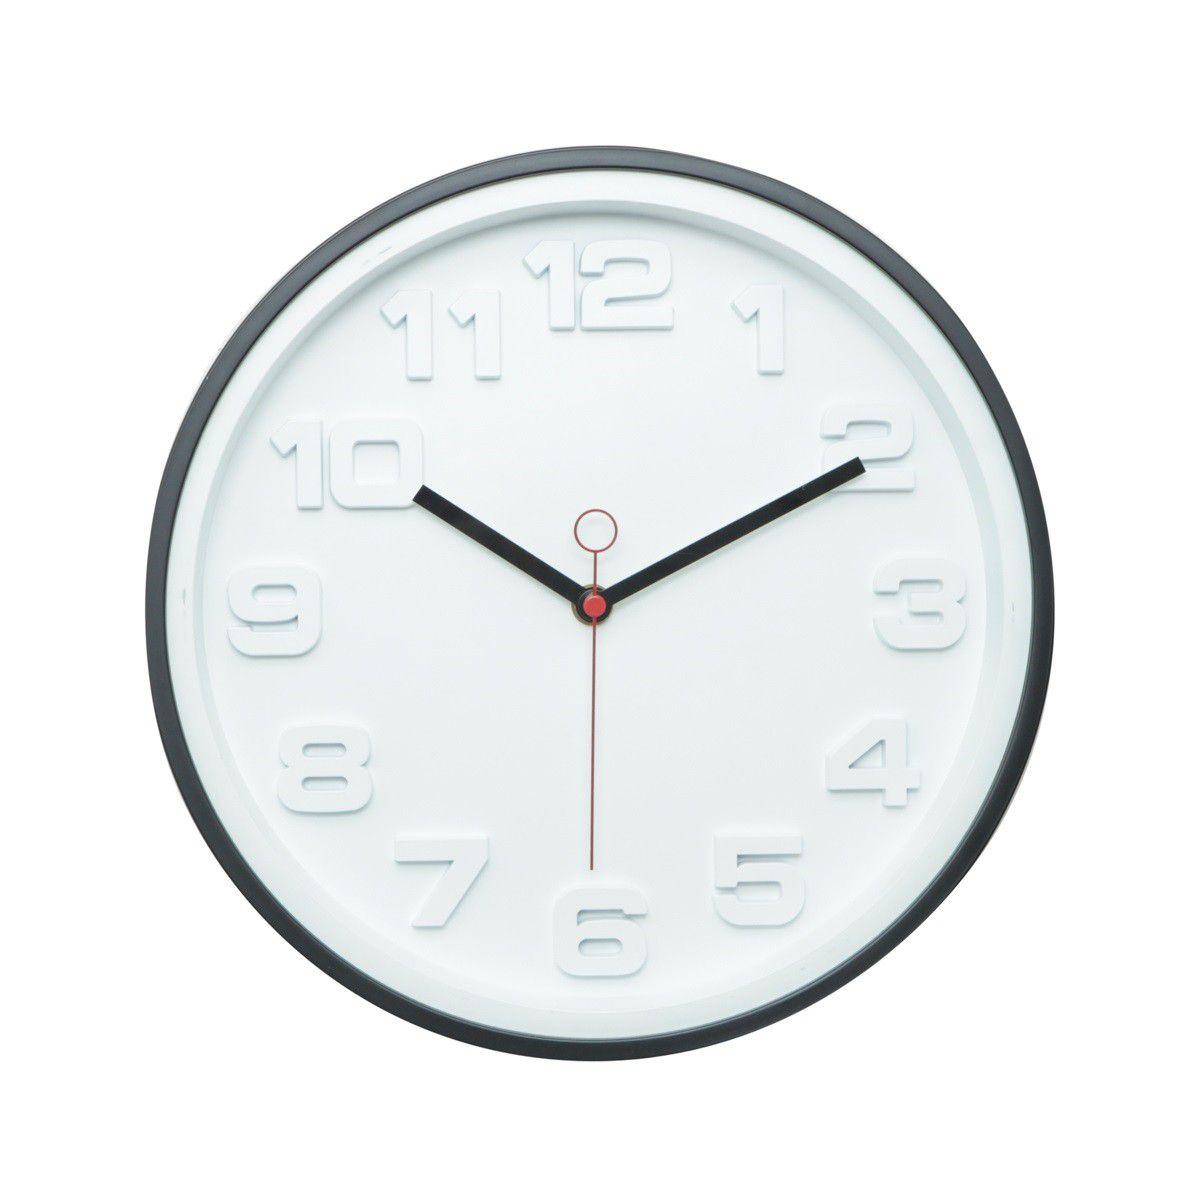 Relógio de Parede Urban Home Thick Numbers em Plástico 42271